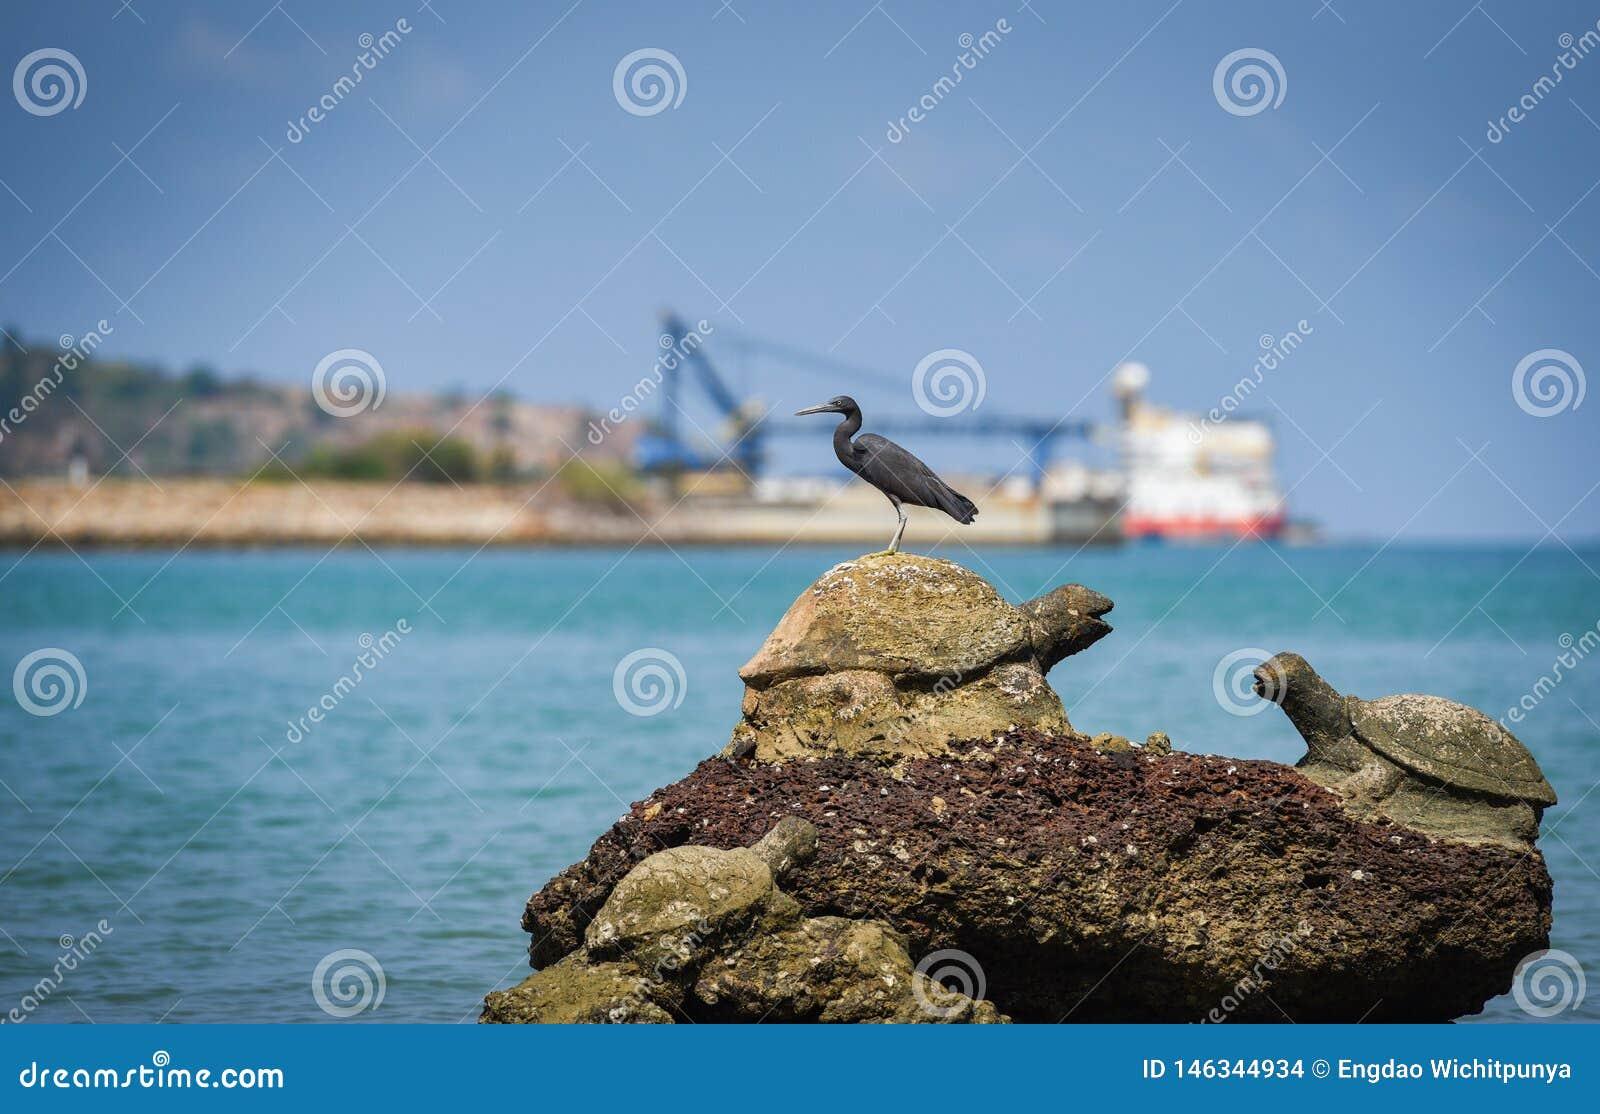 Pássaro nas rochas no fundo do barco de pesca do oceano do mar da costa da baía